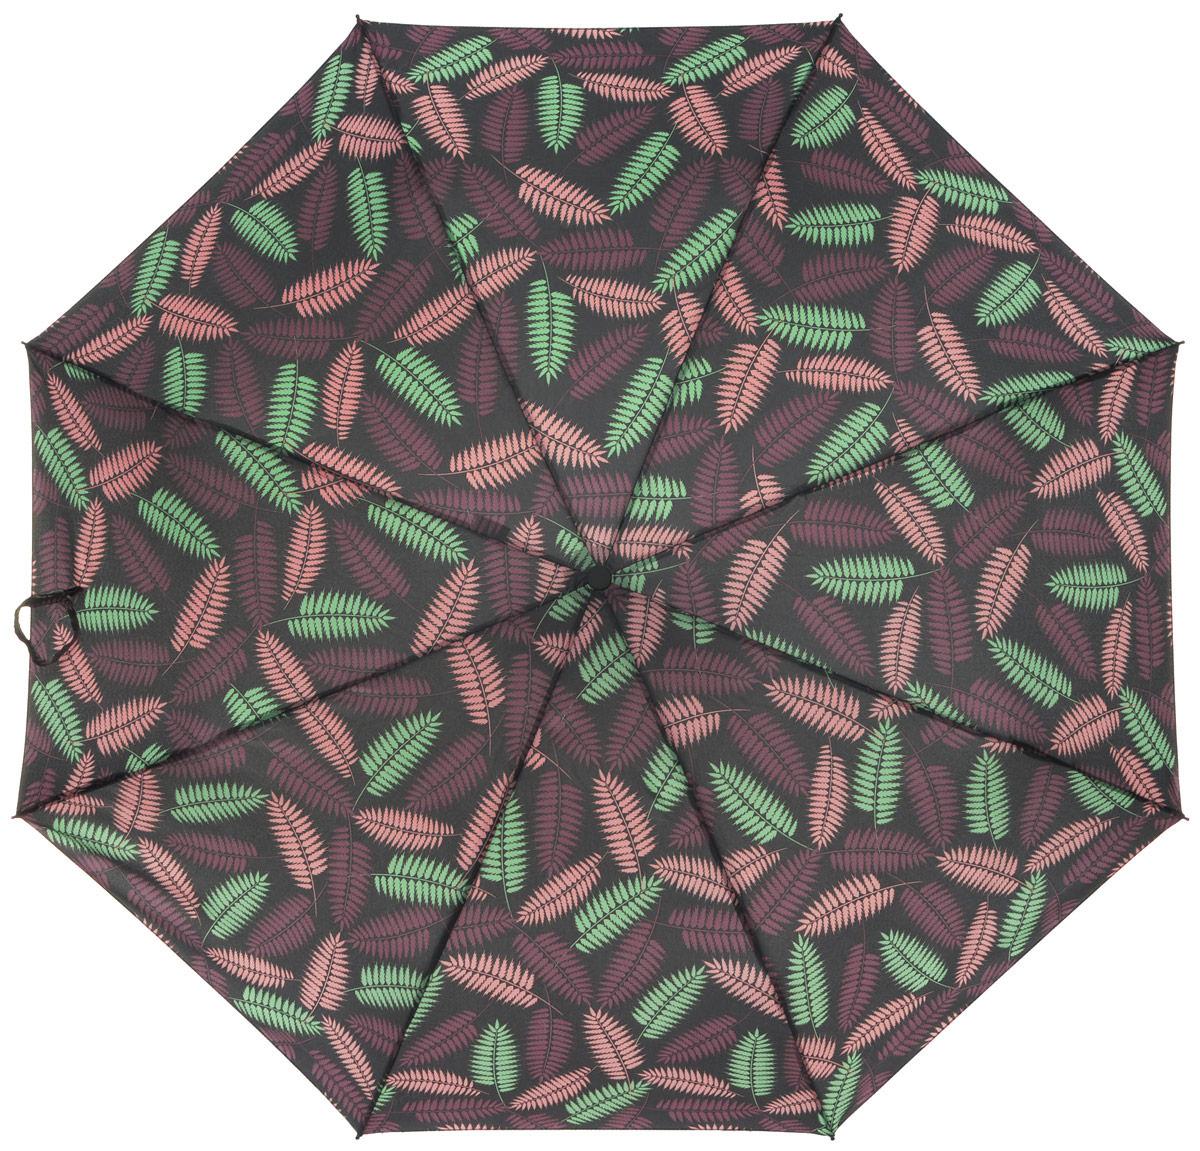 Зонт женский Labbra, автомат, 3 сложения, цвет: серый. A3-05-034A3-05-034Яркий зонт Labbra не оставит вас незамеченной. Зонт оформлен оригинальным принтом. Зонт состоит из восьми спиц и стержня, изготовленных из стали и фибергласса. Купол выполнен из качественного полиэстера и эпонжа, которые не пропускают воду. Зонт дополнен удобной ручкой из пластика. Зонт имеет автоматический механизм сложения: купол открывается и закрывается нажатием кнопки на ручке, стержень складывается вручную до характерного щелчка, благодаря чему открыть и закрыть зонт можно одной рукой. Ручка дополнена петлей, благодаря которой зонт можно носить на запястье . К зонту прилагается чехол. Удобный и практичный аксессуар даже в ненастную погоду позволит вам оставаться стильной и элегантной.